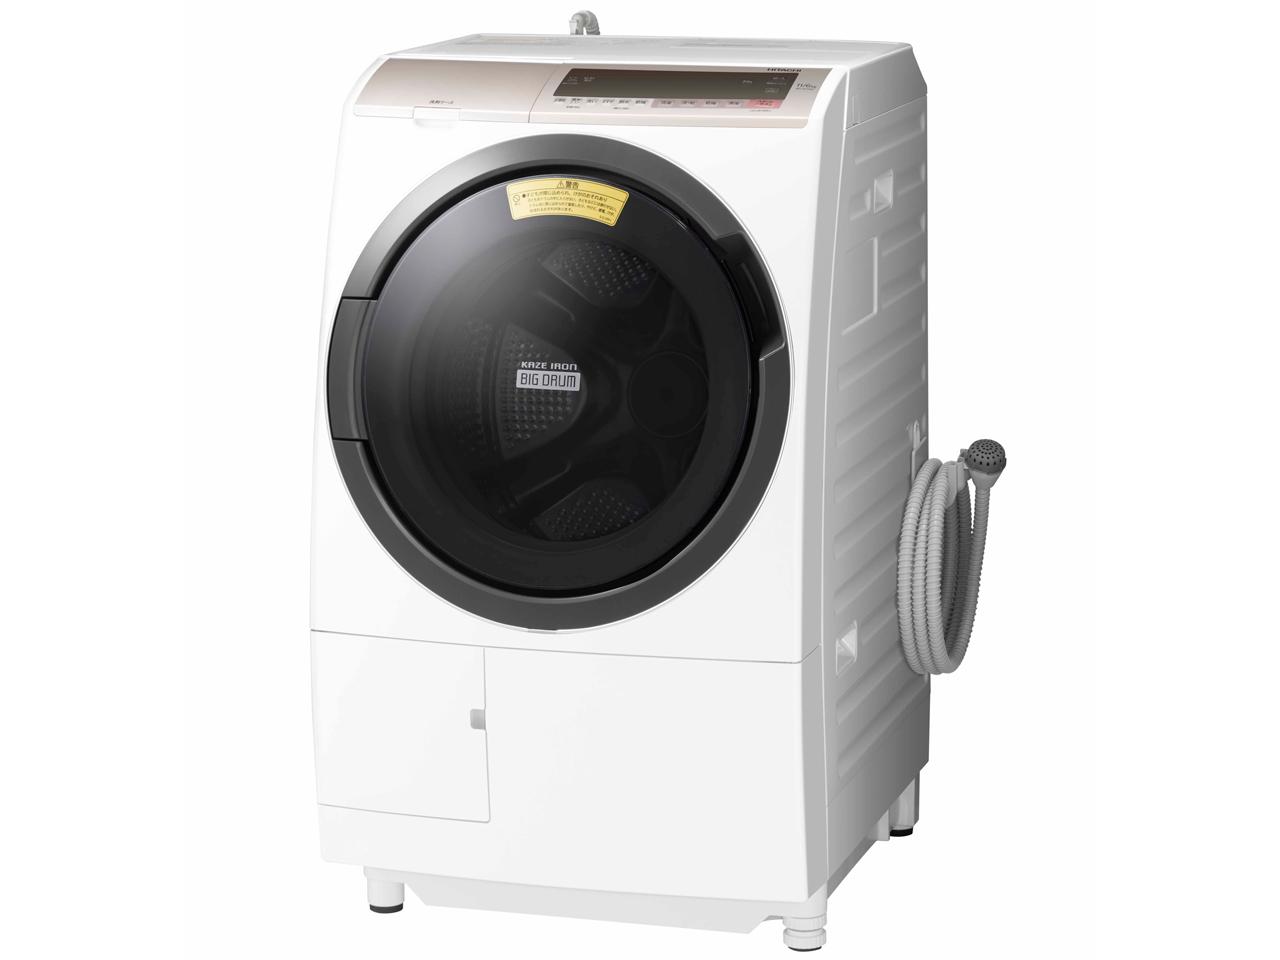 日立 11.0kg ドラム式洗濯乾燥機 BD-SV110CL-N【左開き】